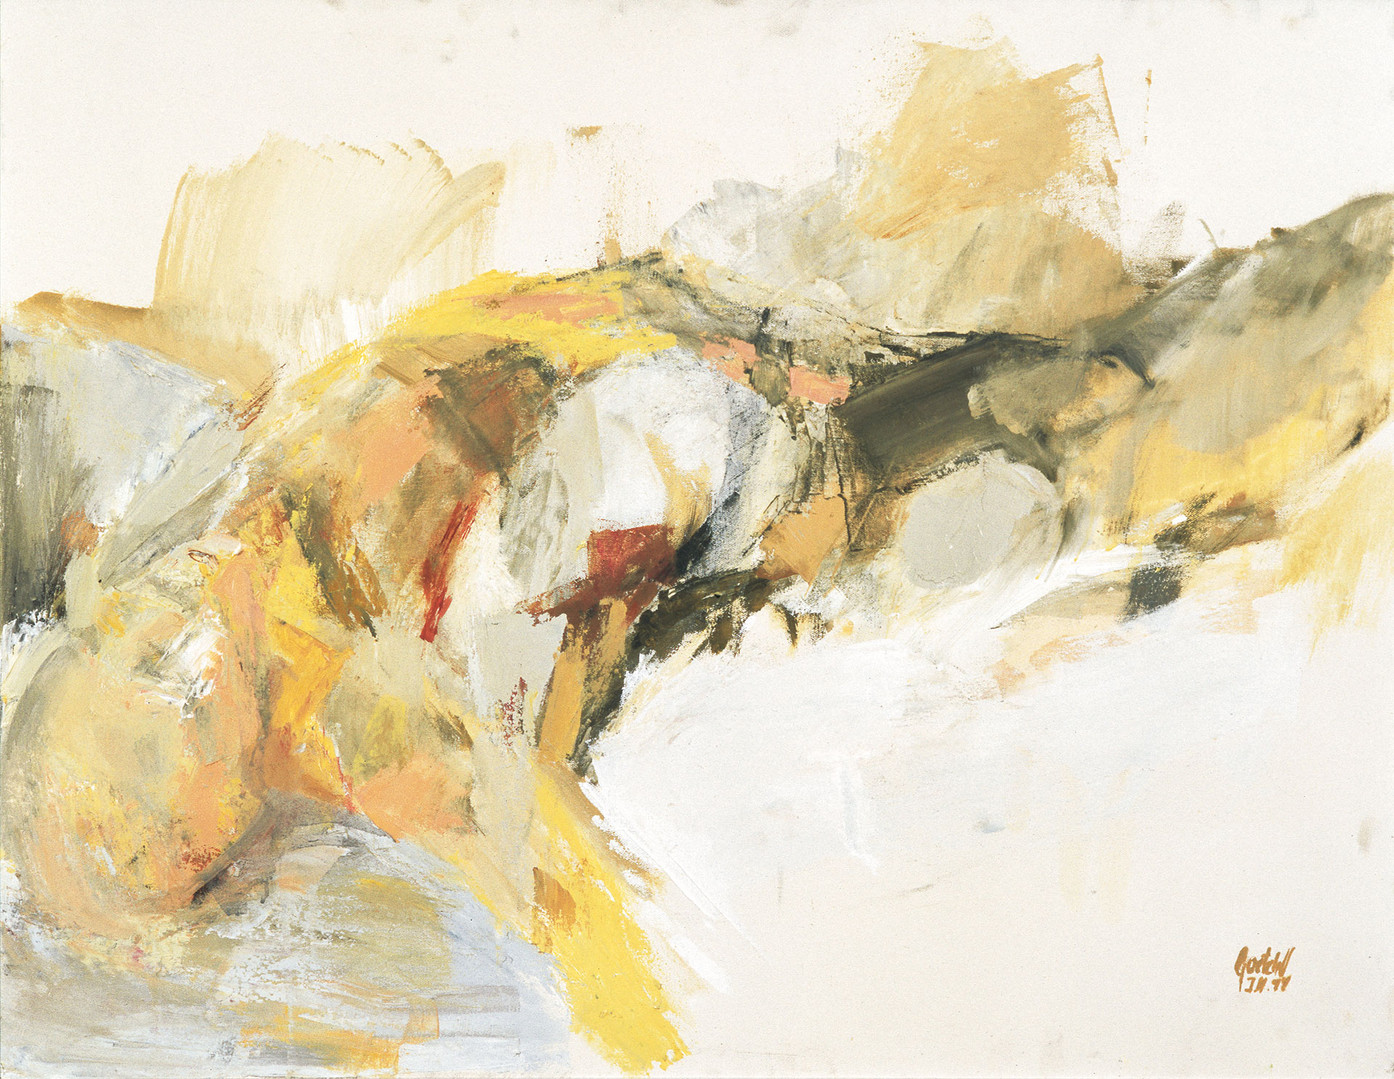 männl Akt 1996 80x60 cm